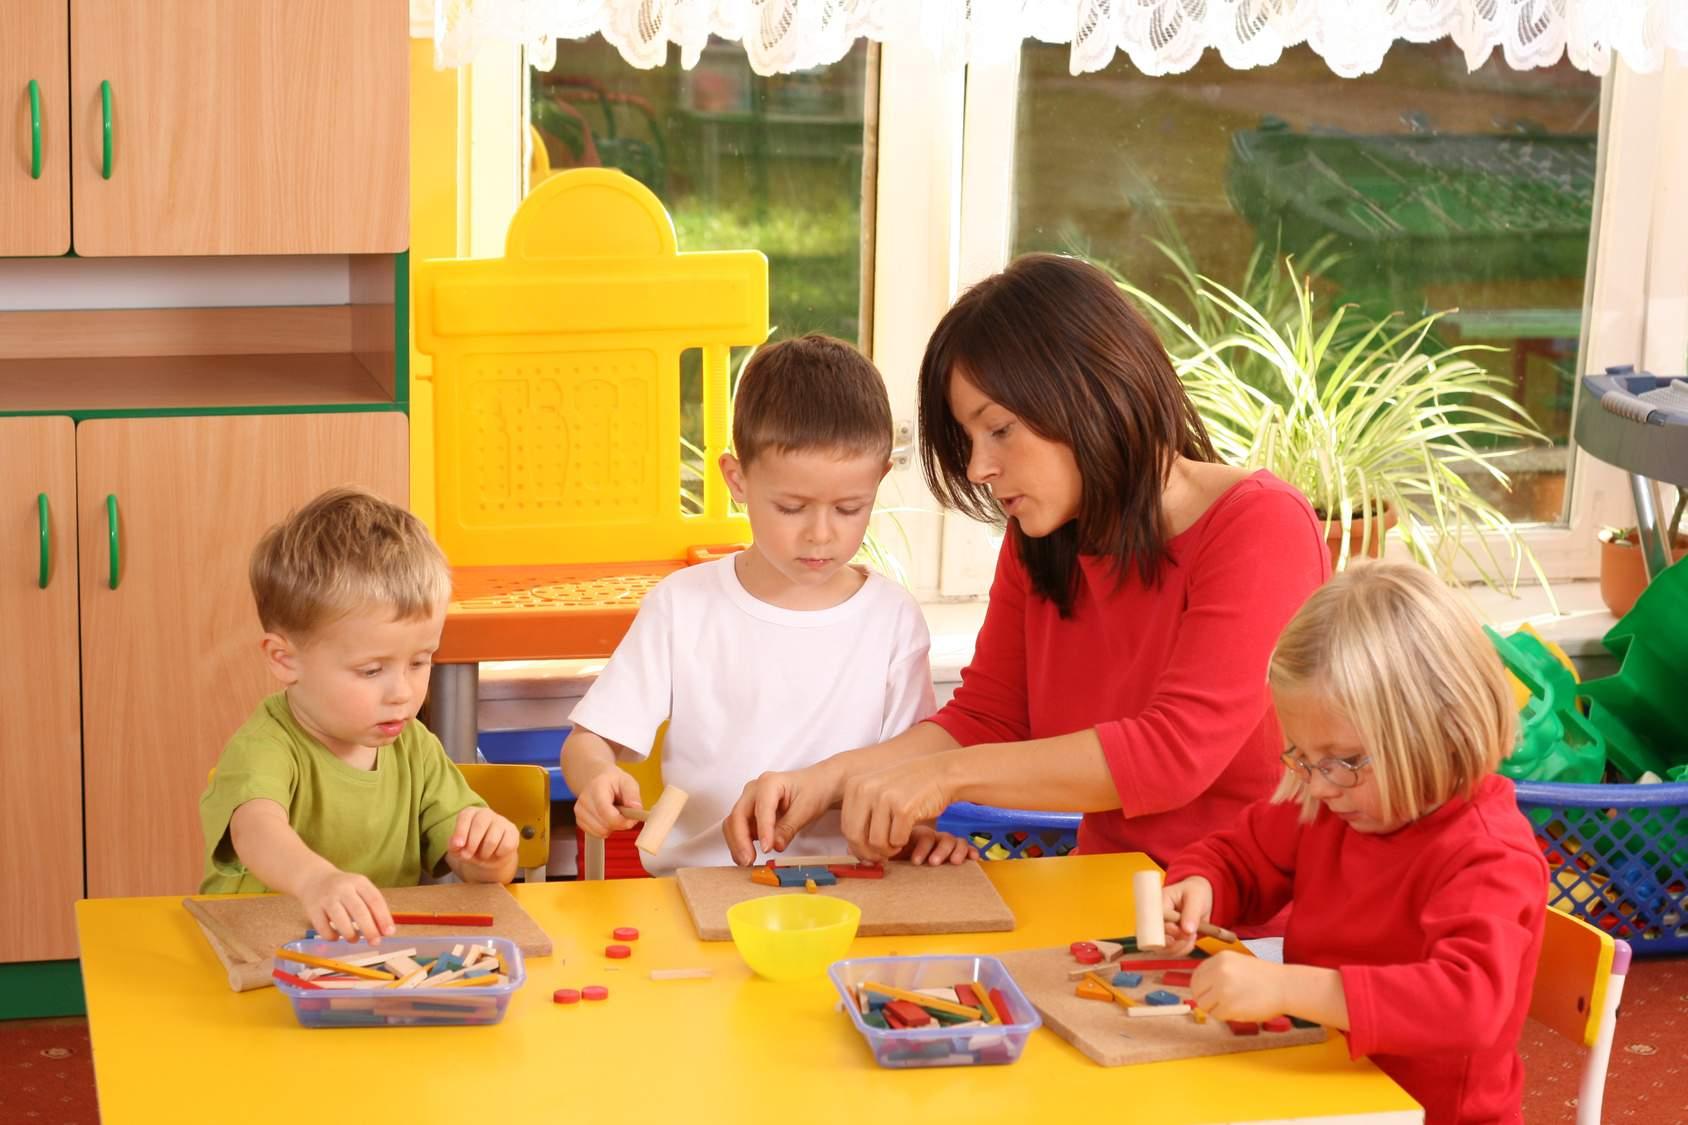 Πώς θα επιλέξετε το σωστό παιδικό σταθμό και πως να βοηθήσετε το παιδί σας να προσαρμοστέι | Δένα Λοΐζου | Anthia.ne